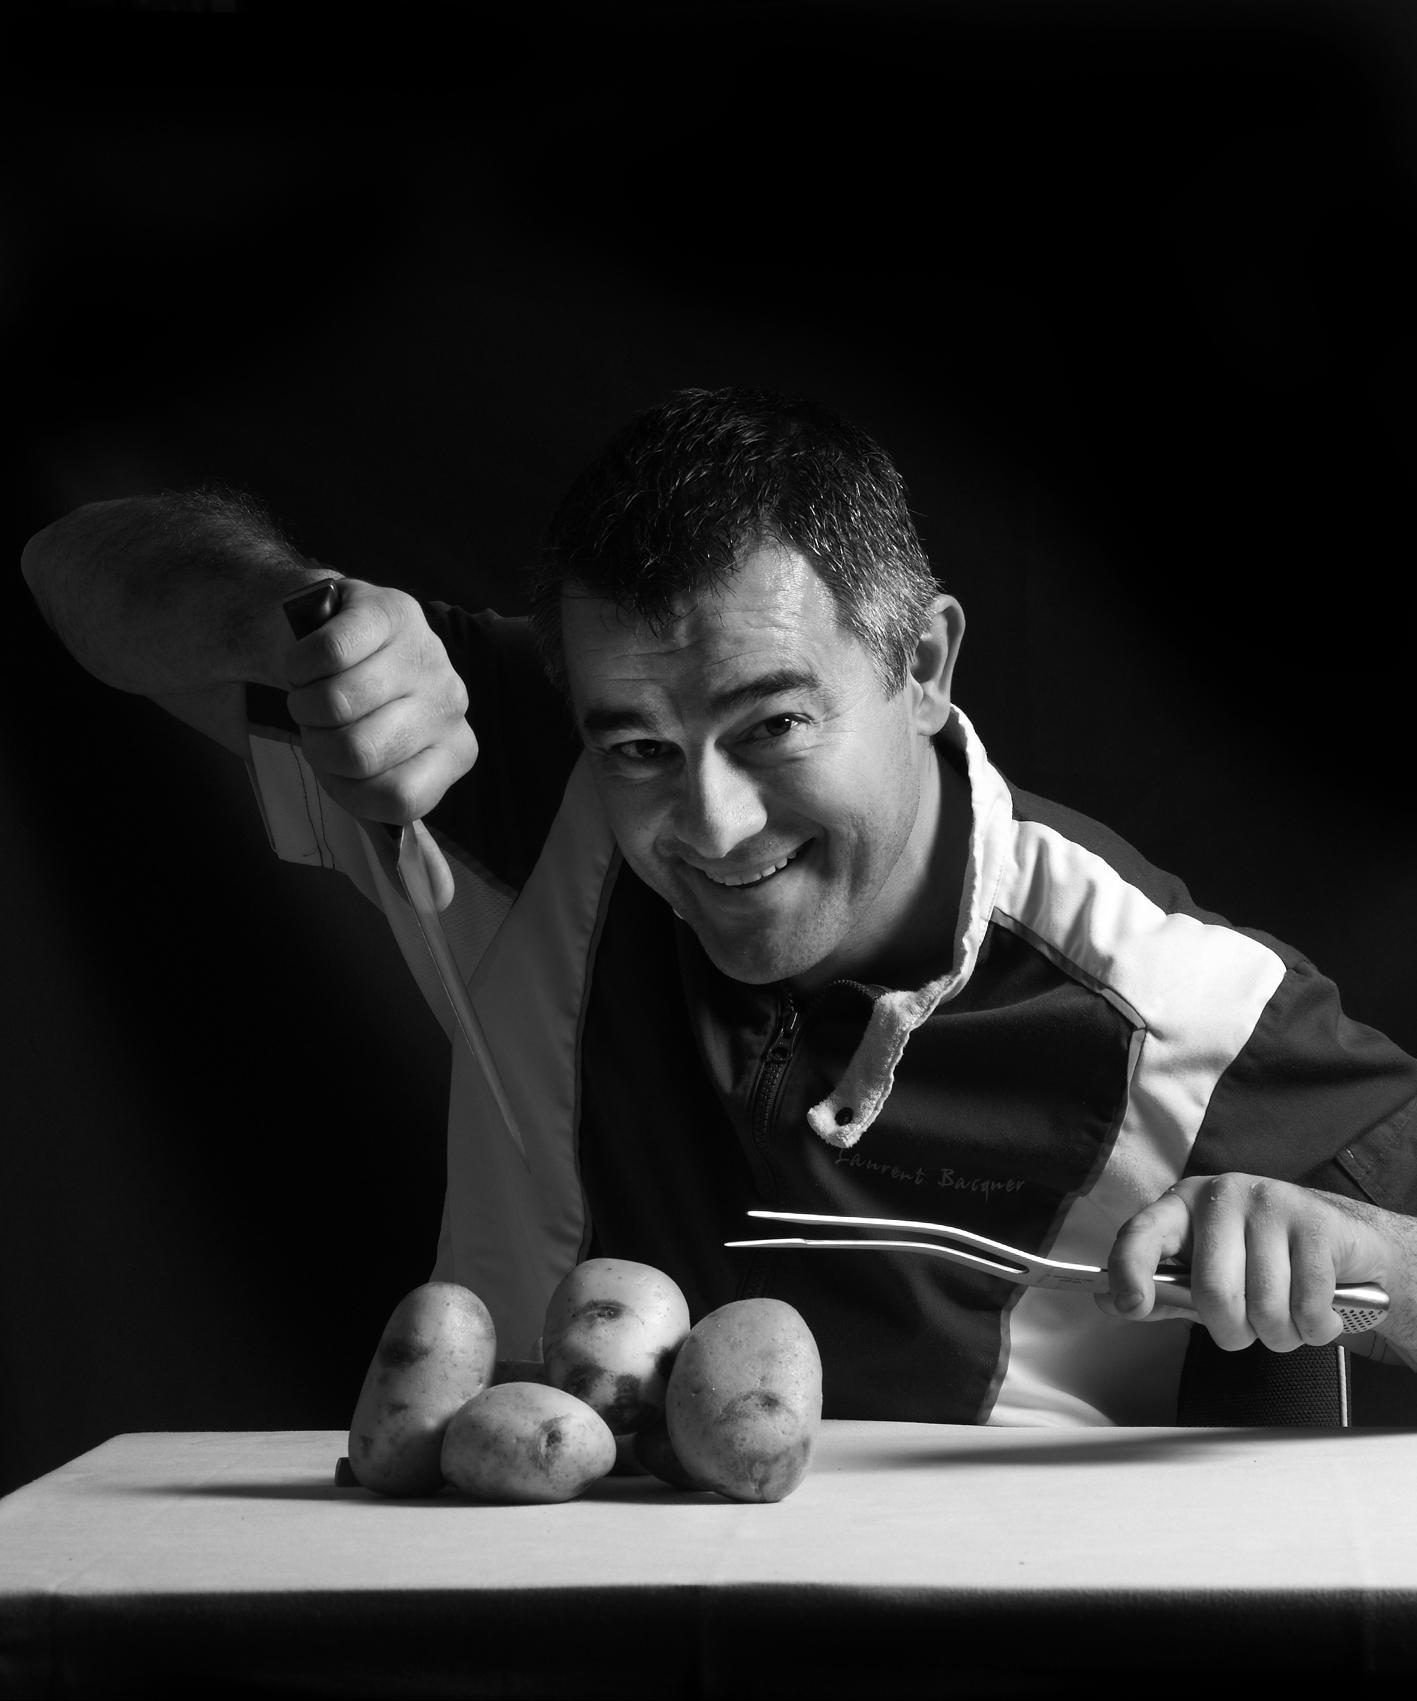 Quatre recettes de Laurent Bacquer dans Cuisine Recettes du marché